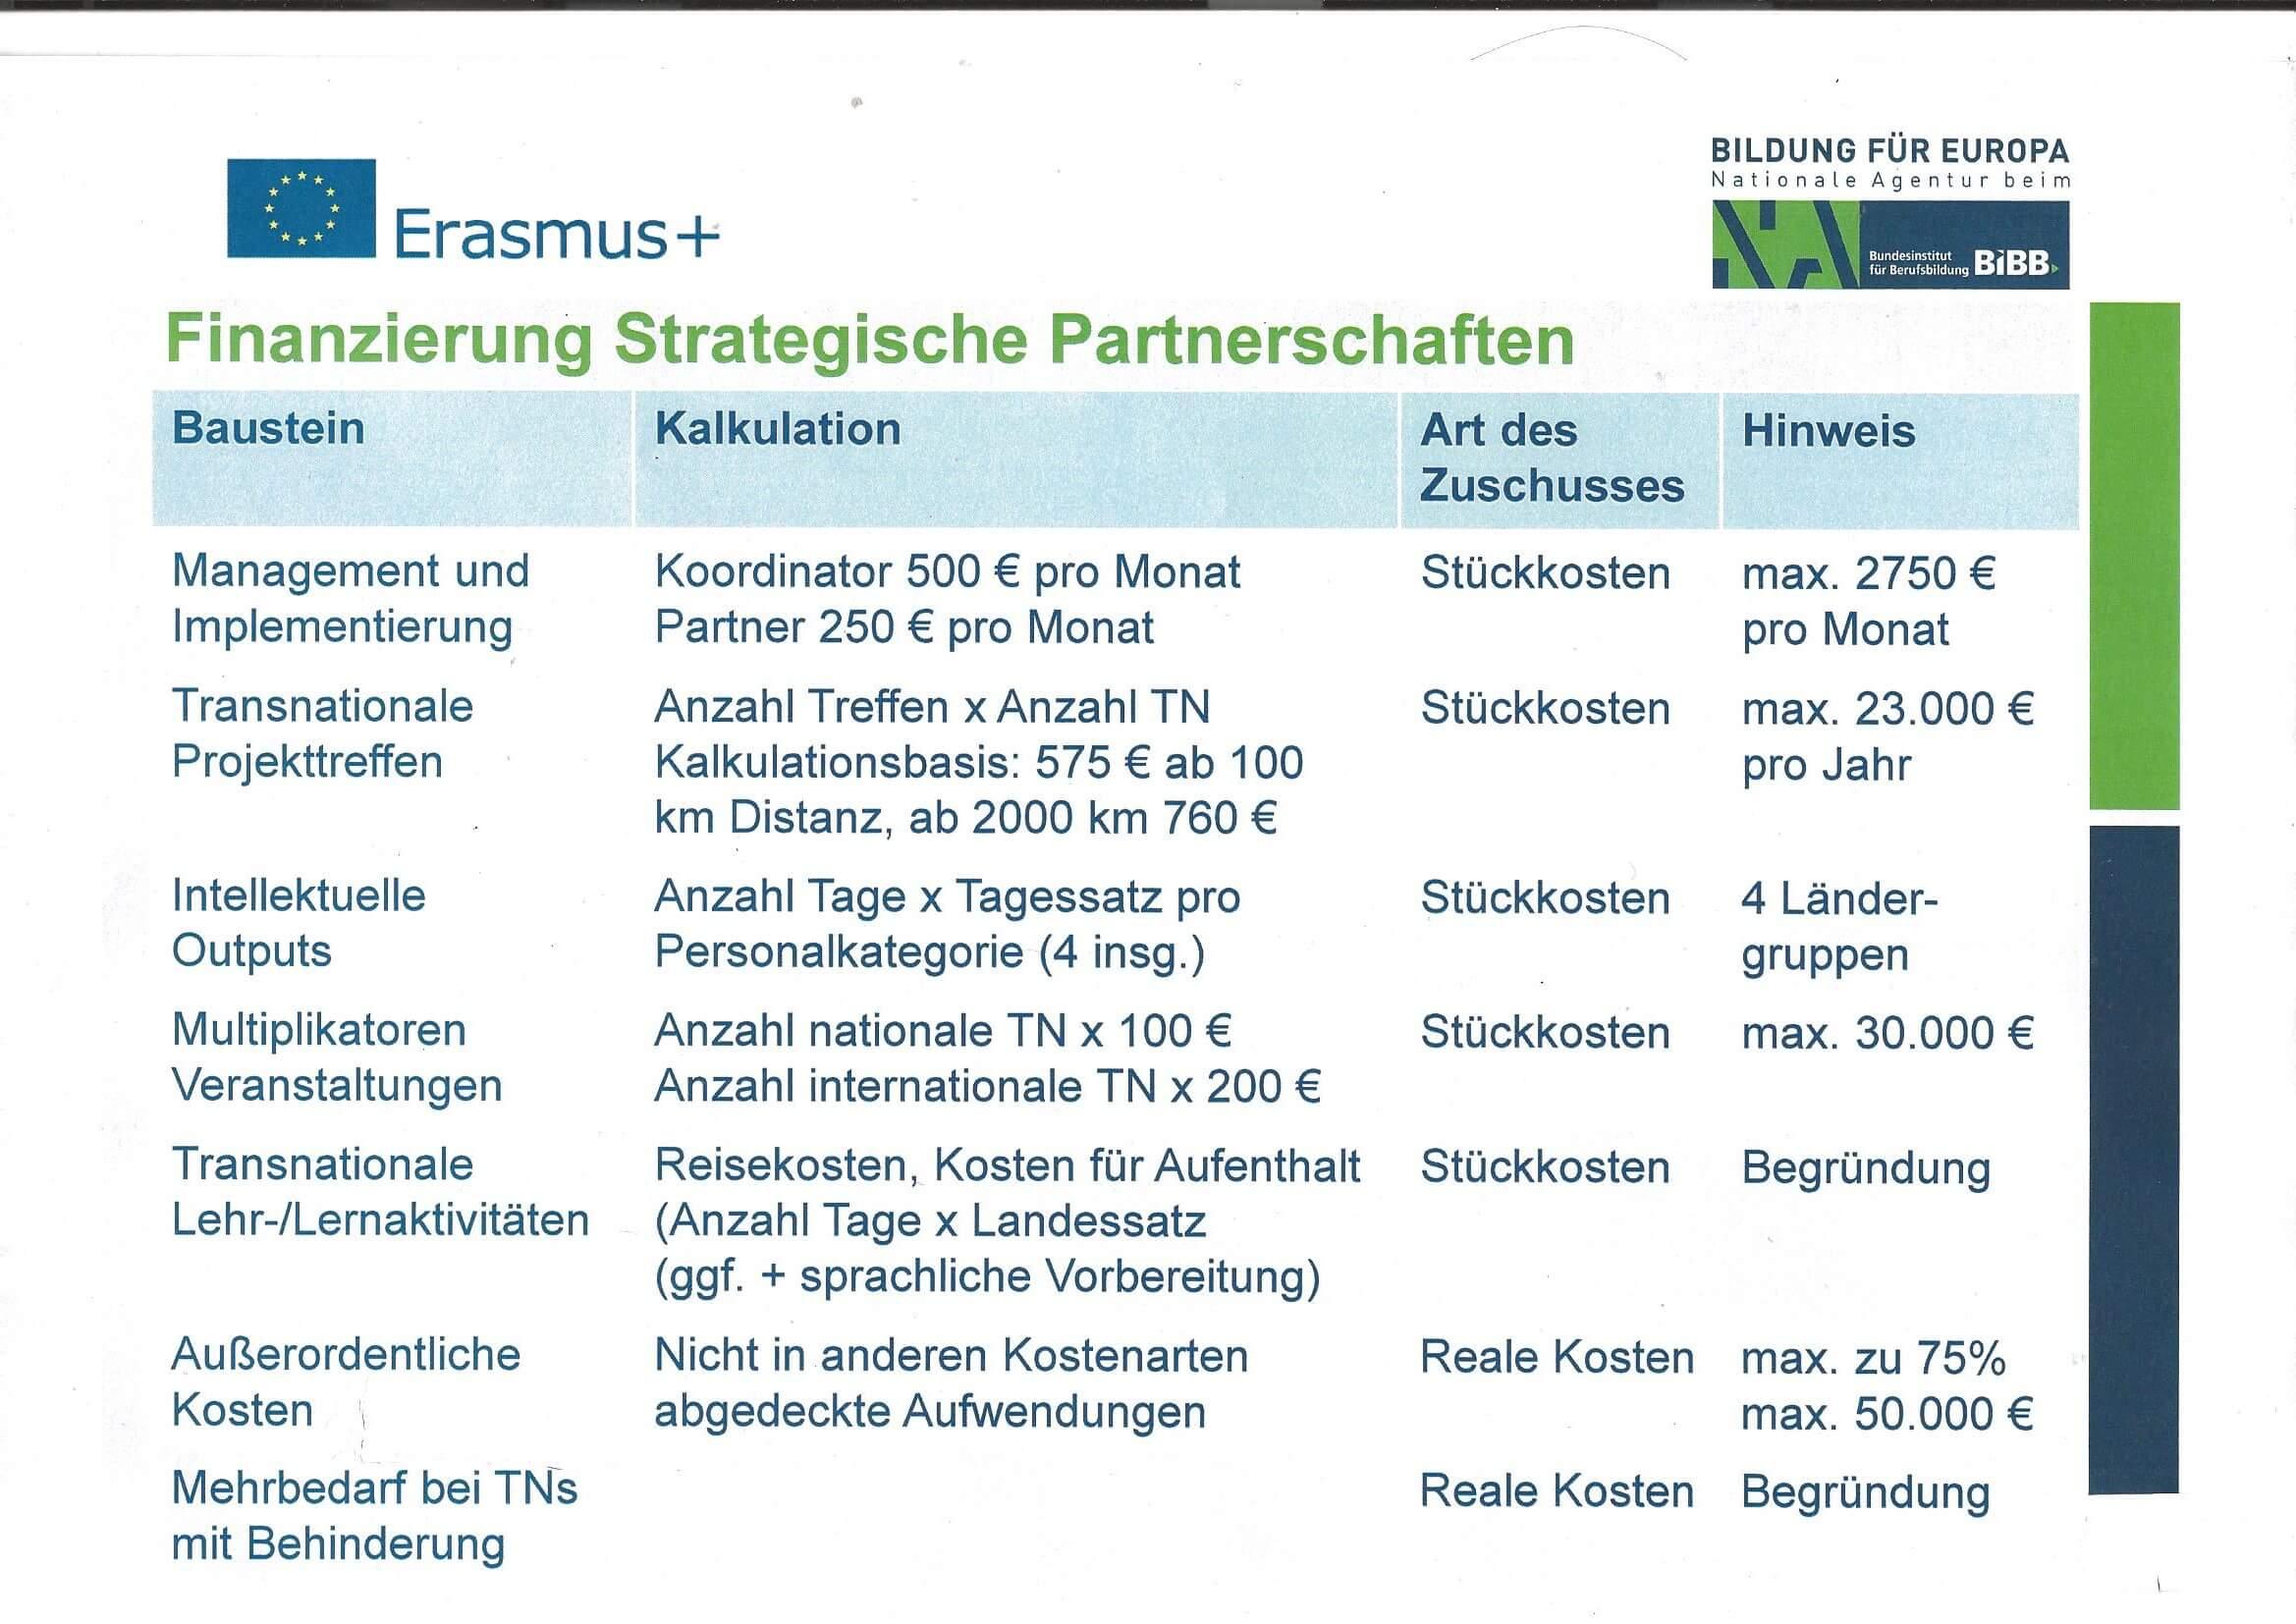 ERAMSUS+ Finanzierungsbausteine